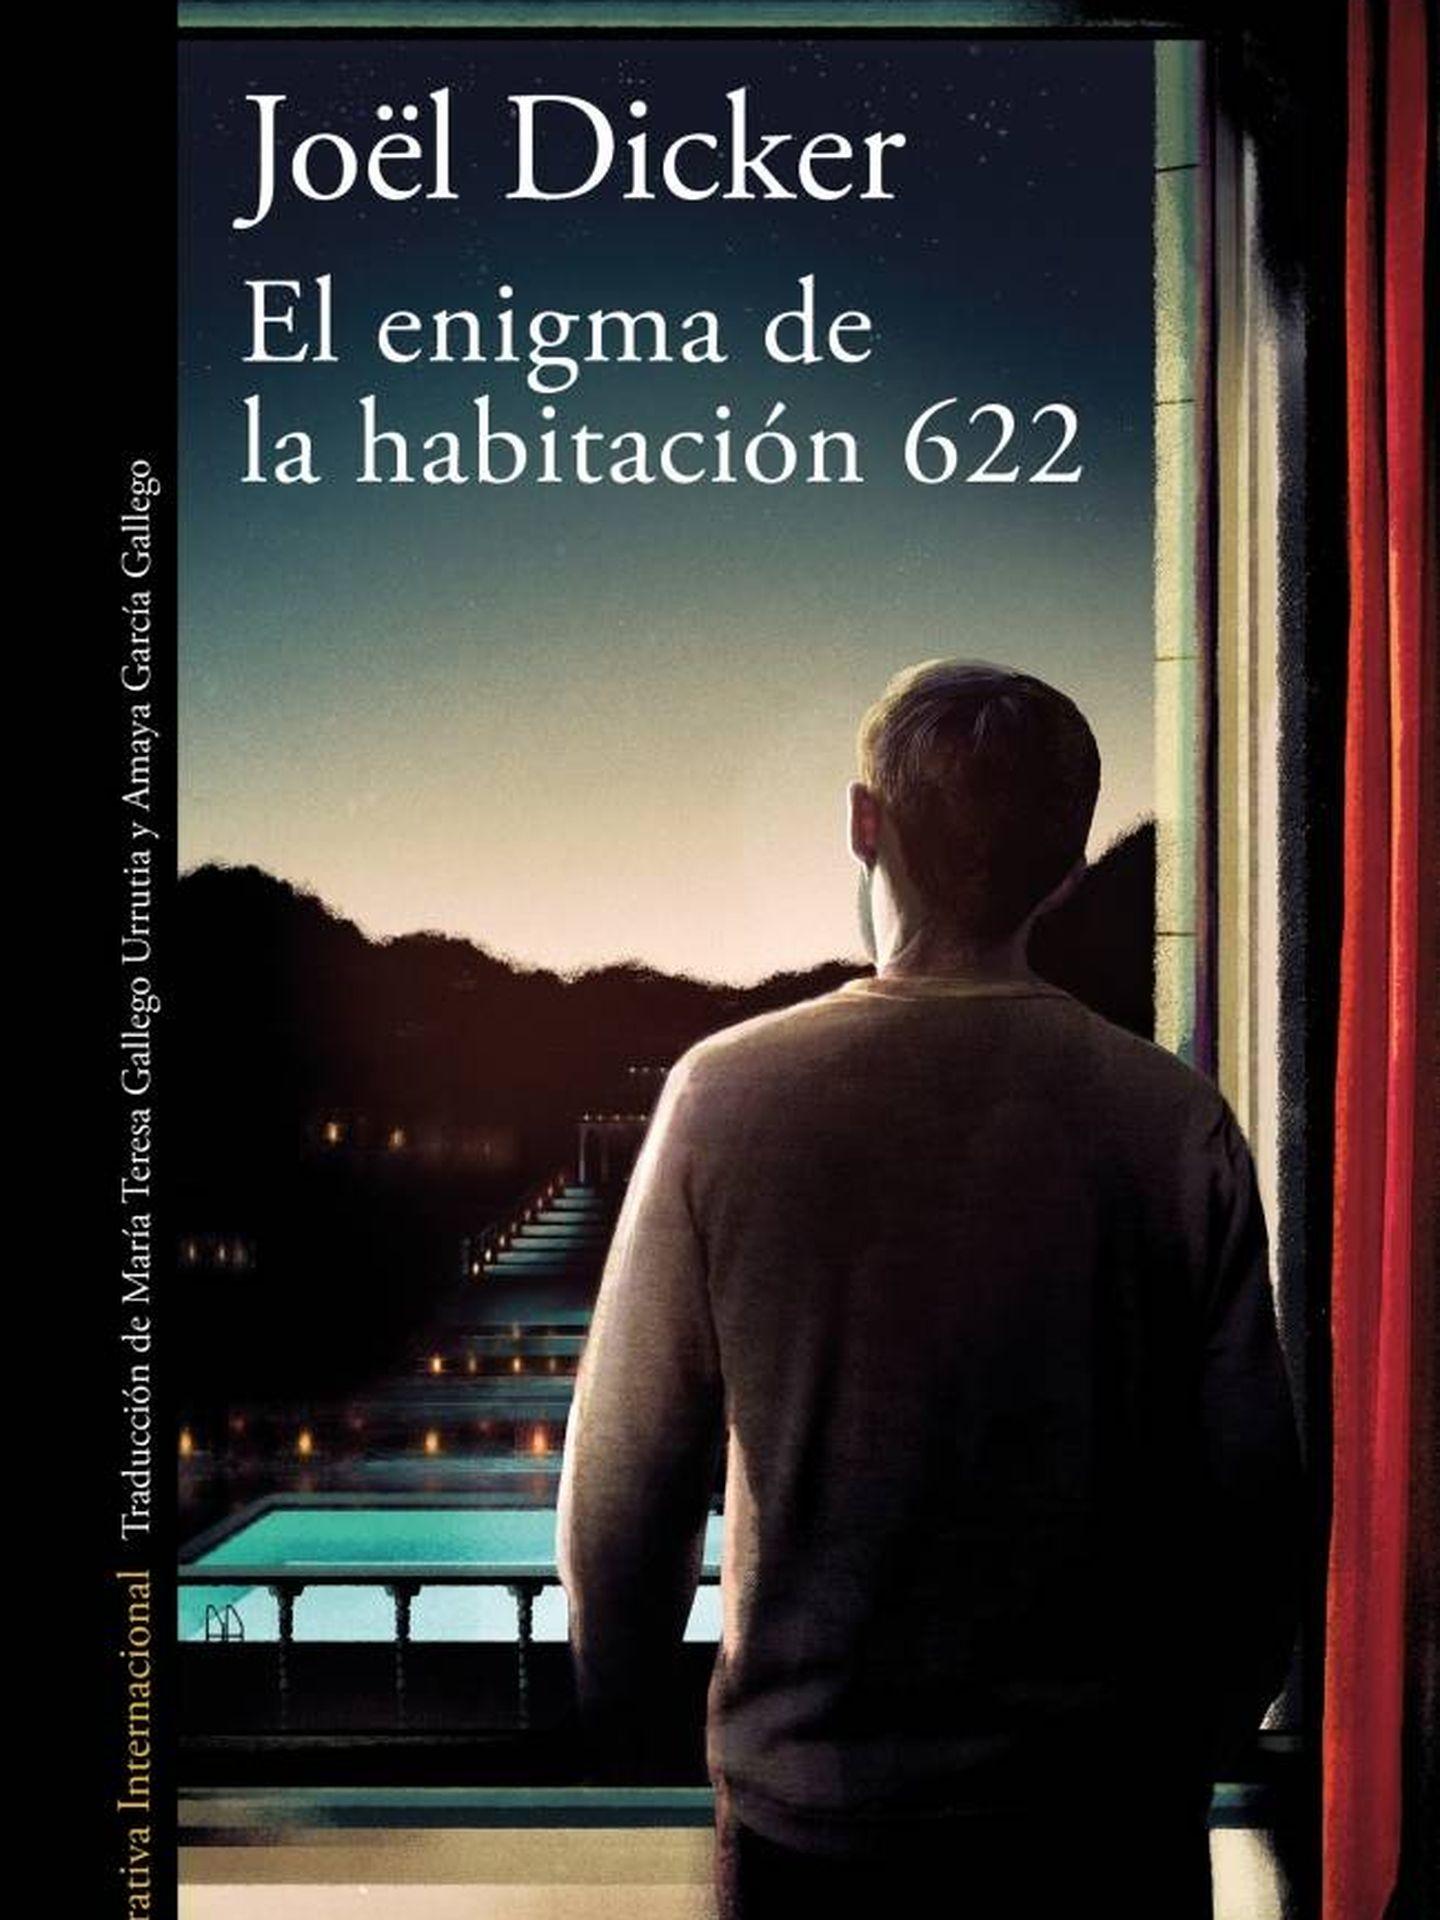 'El enigma de la habitación 622'.